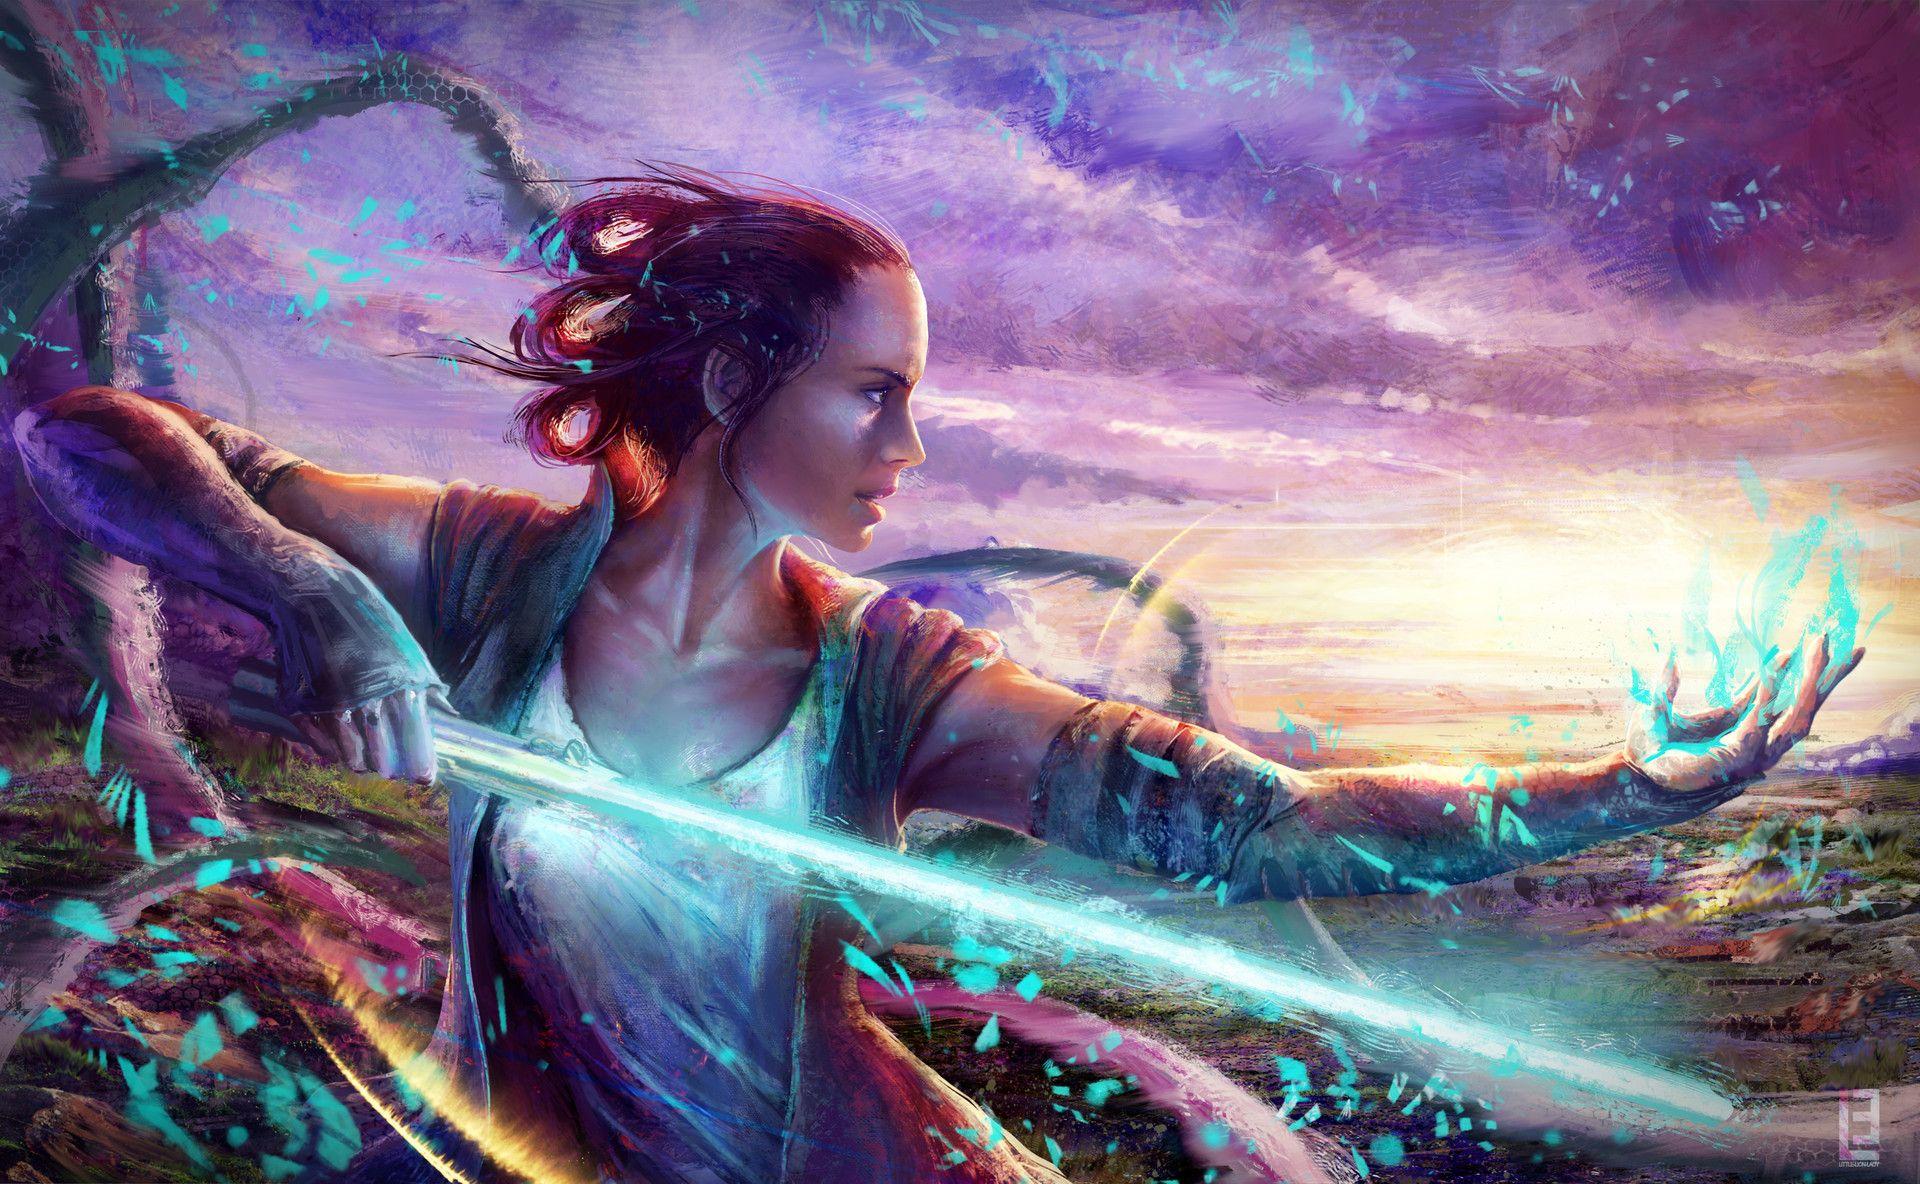 ArtStation - Rey of Light, Maryna Babych